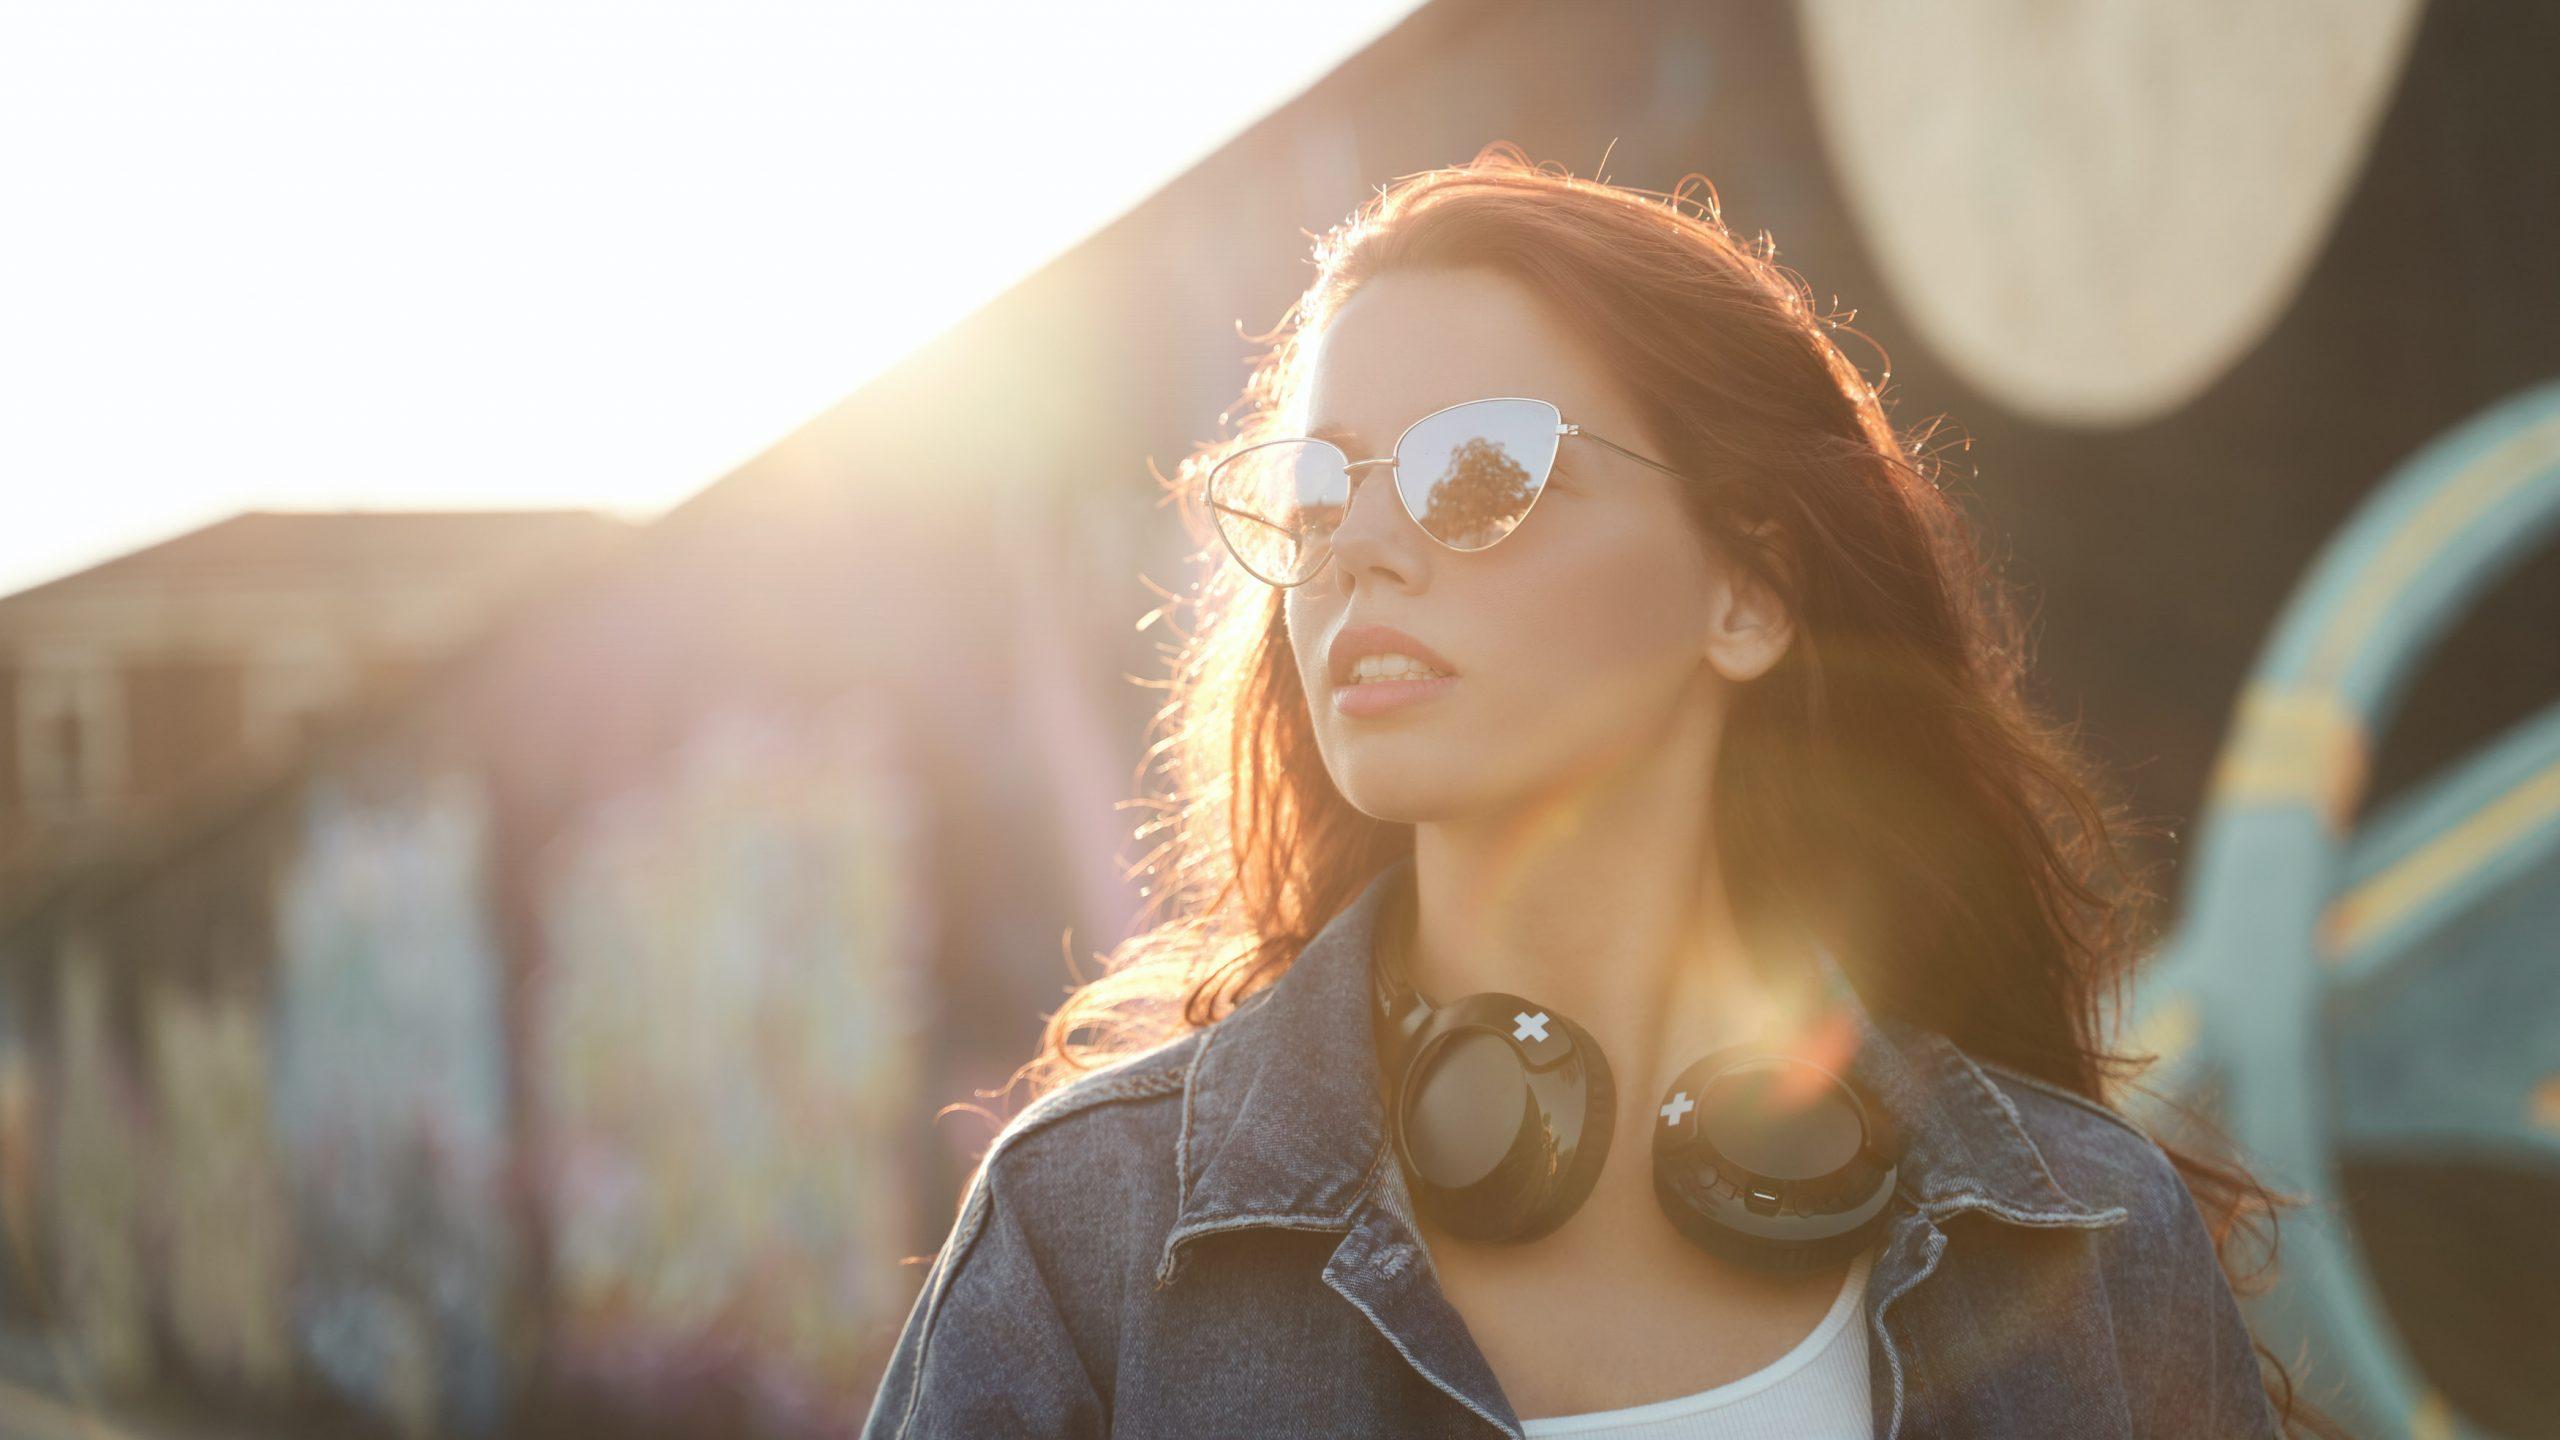 Categorie: Glamour, Portrait, sport, Street - Ph: MIRKO LEONI - Model: MICHELA PARUTTO - Location: Verona, VR, Italia